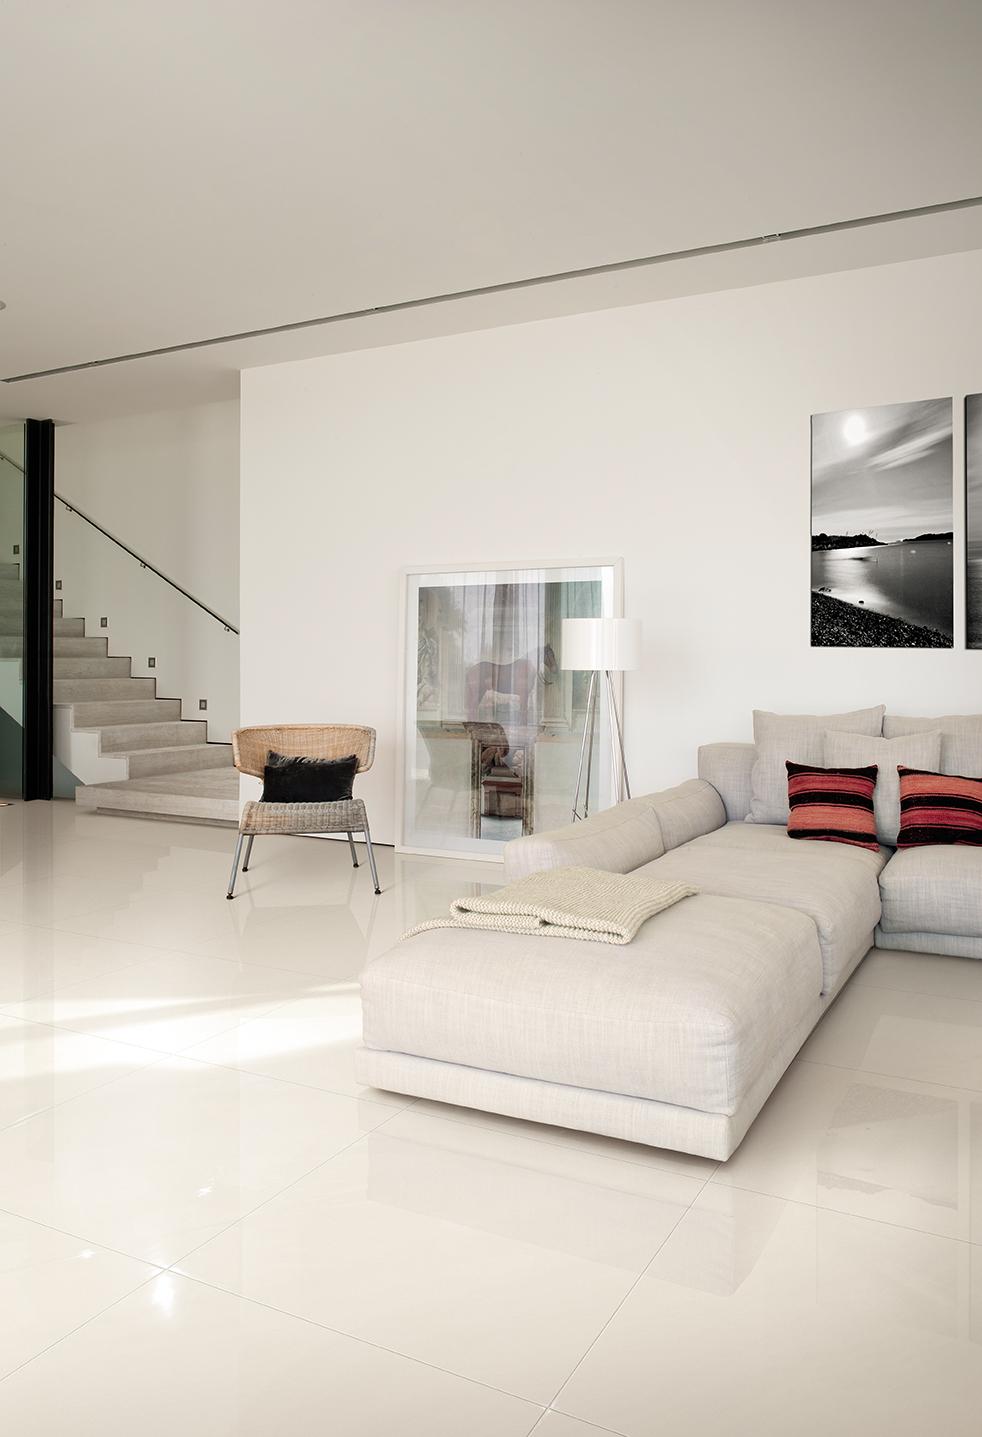 Serie urano pavimenti e rivestimenti armonie by arte casa for Pavimento bianco e nero